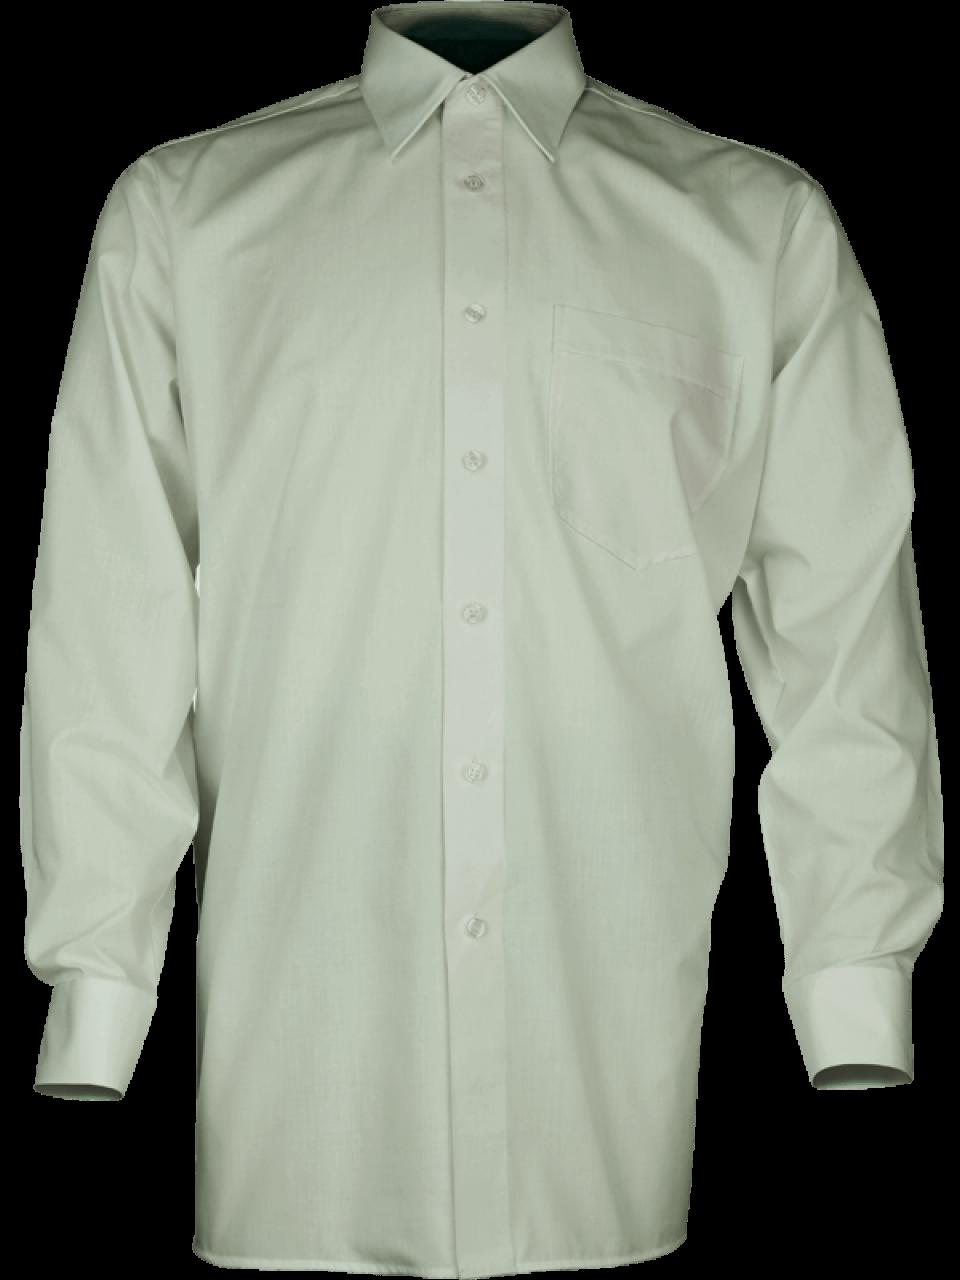 košeľa Berola DR 1